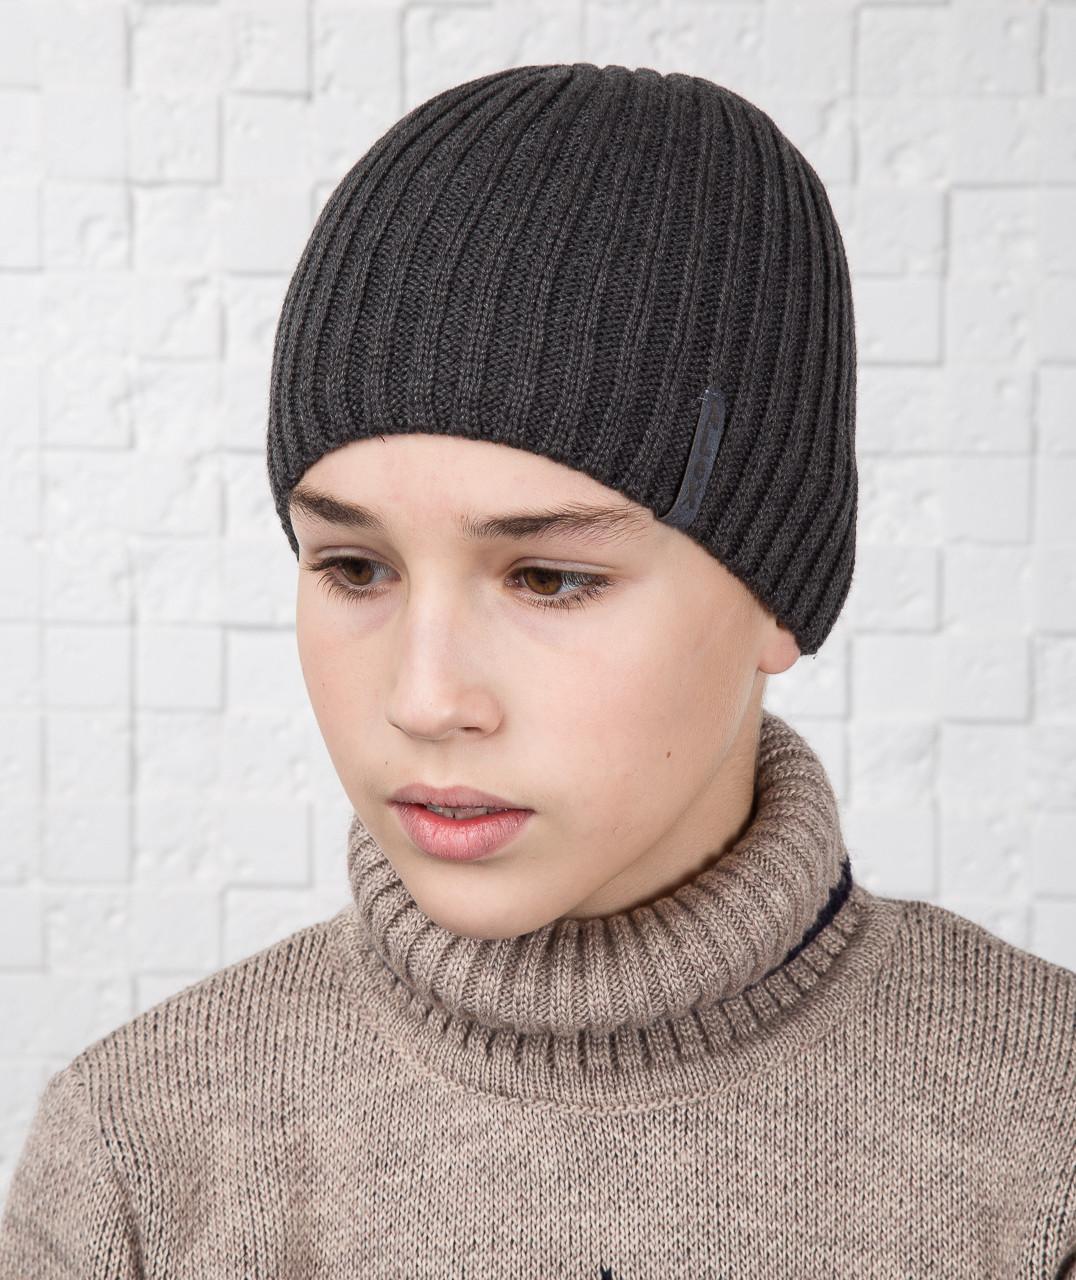 Зимняя вязаная шапка для мальчика подростка ALEX - Артикул AL17040